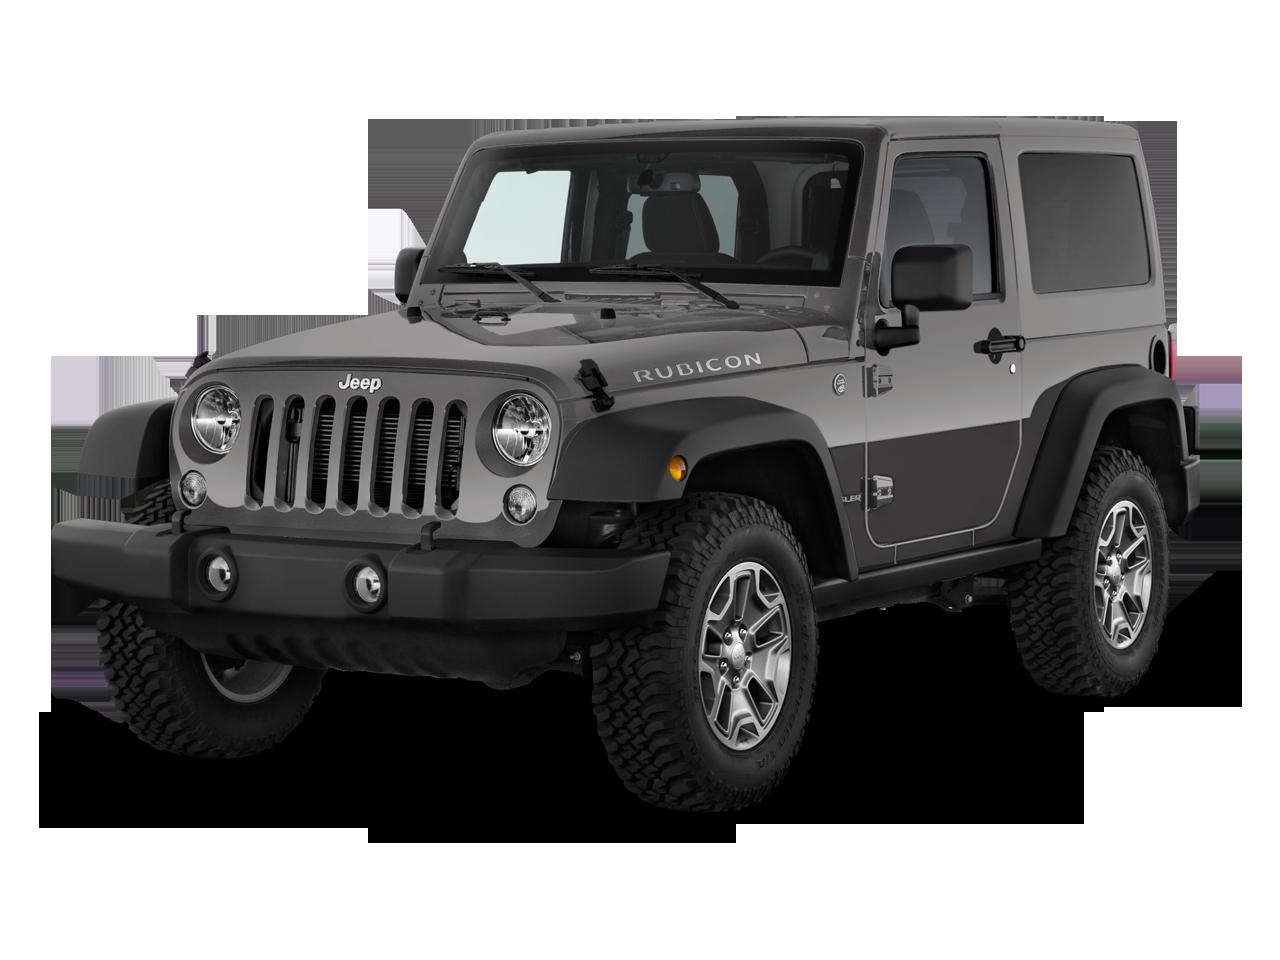 david stanley chrysler jeep dodge vehicles for sale in. Black Bedroom Furniture Sets. Home Design Ideas